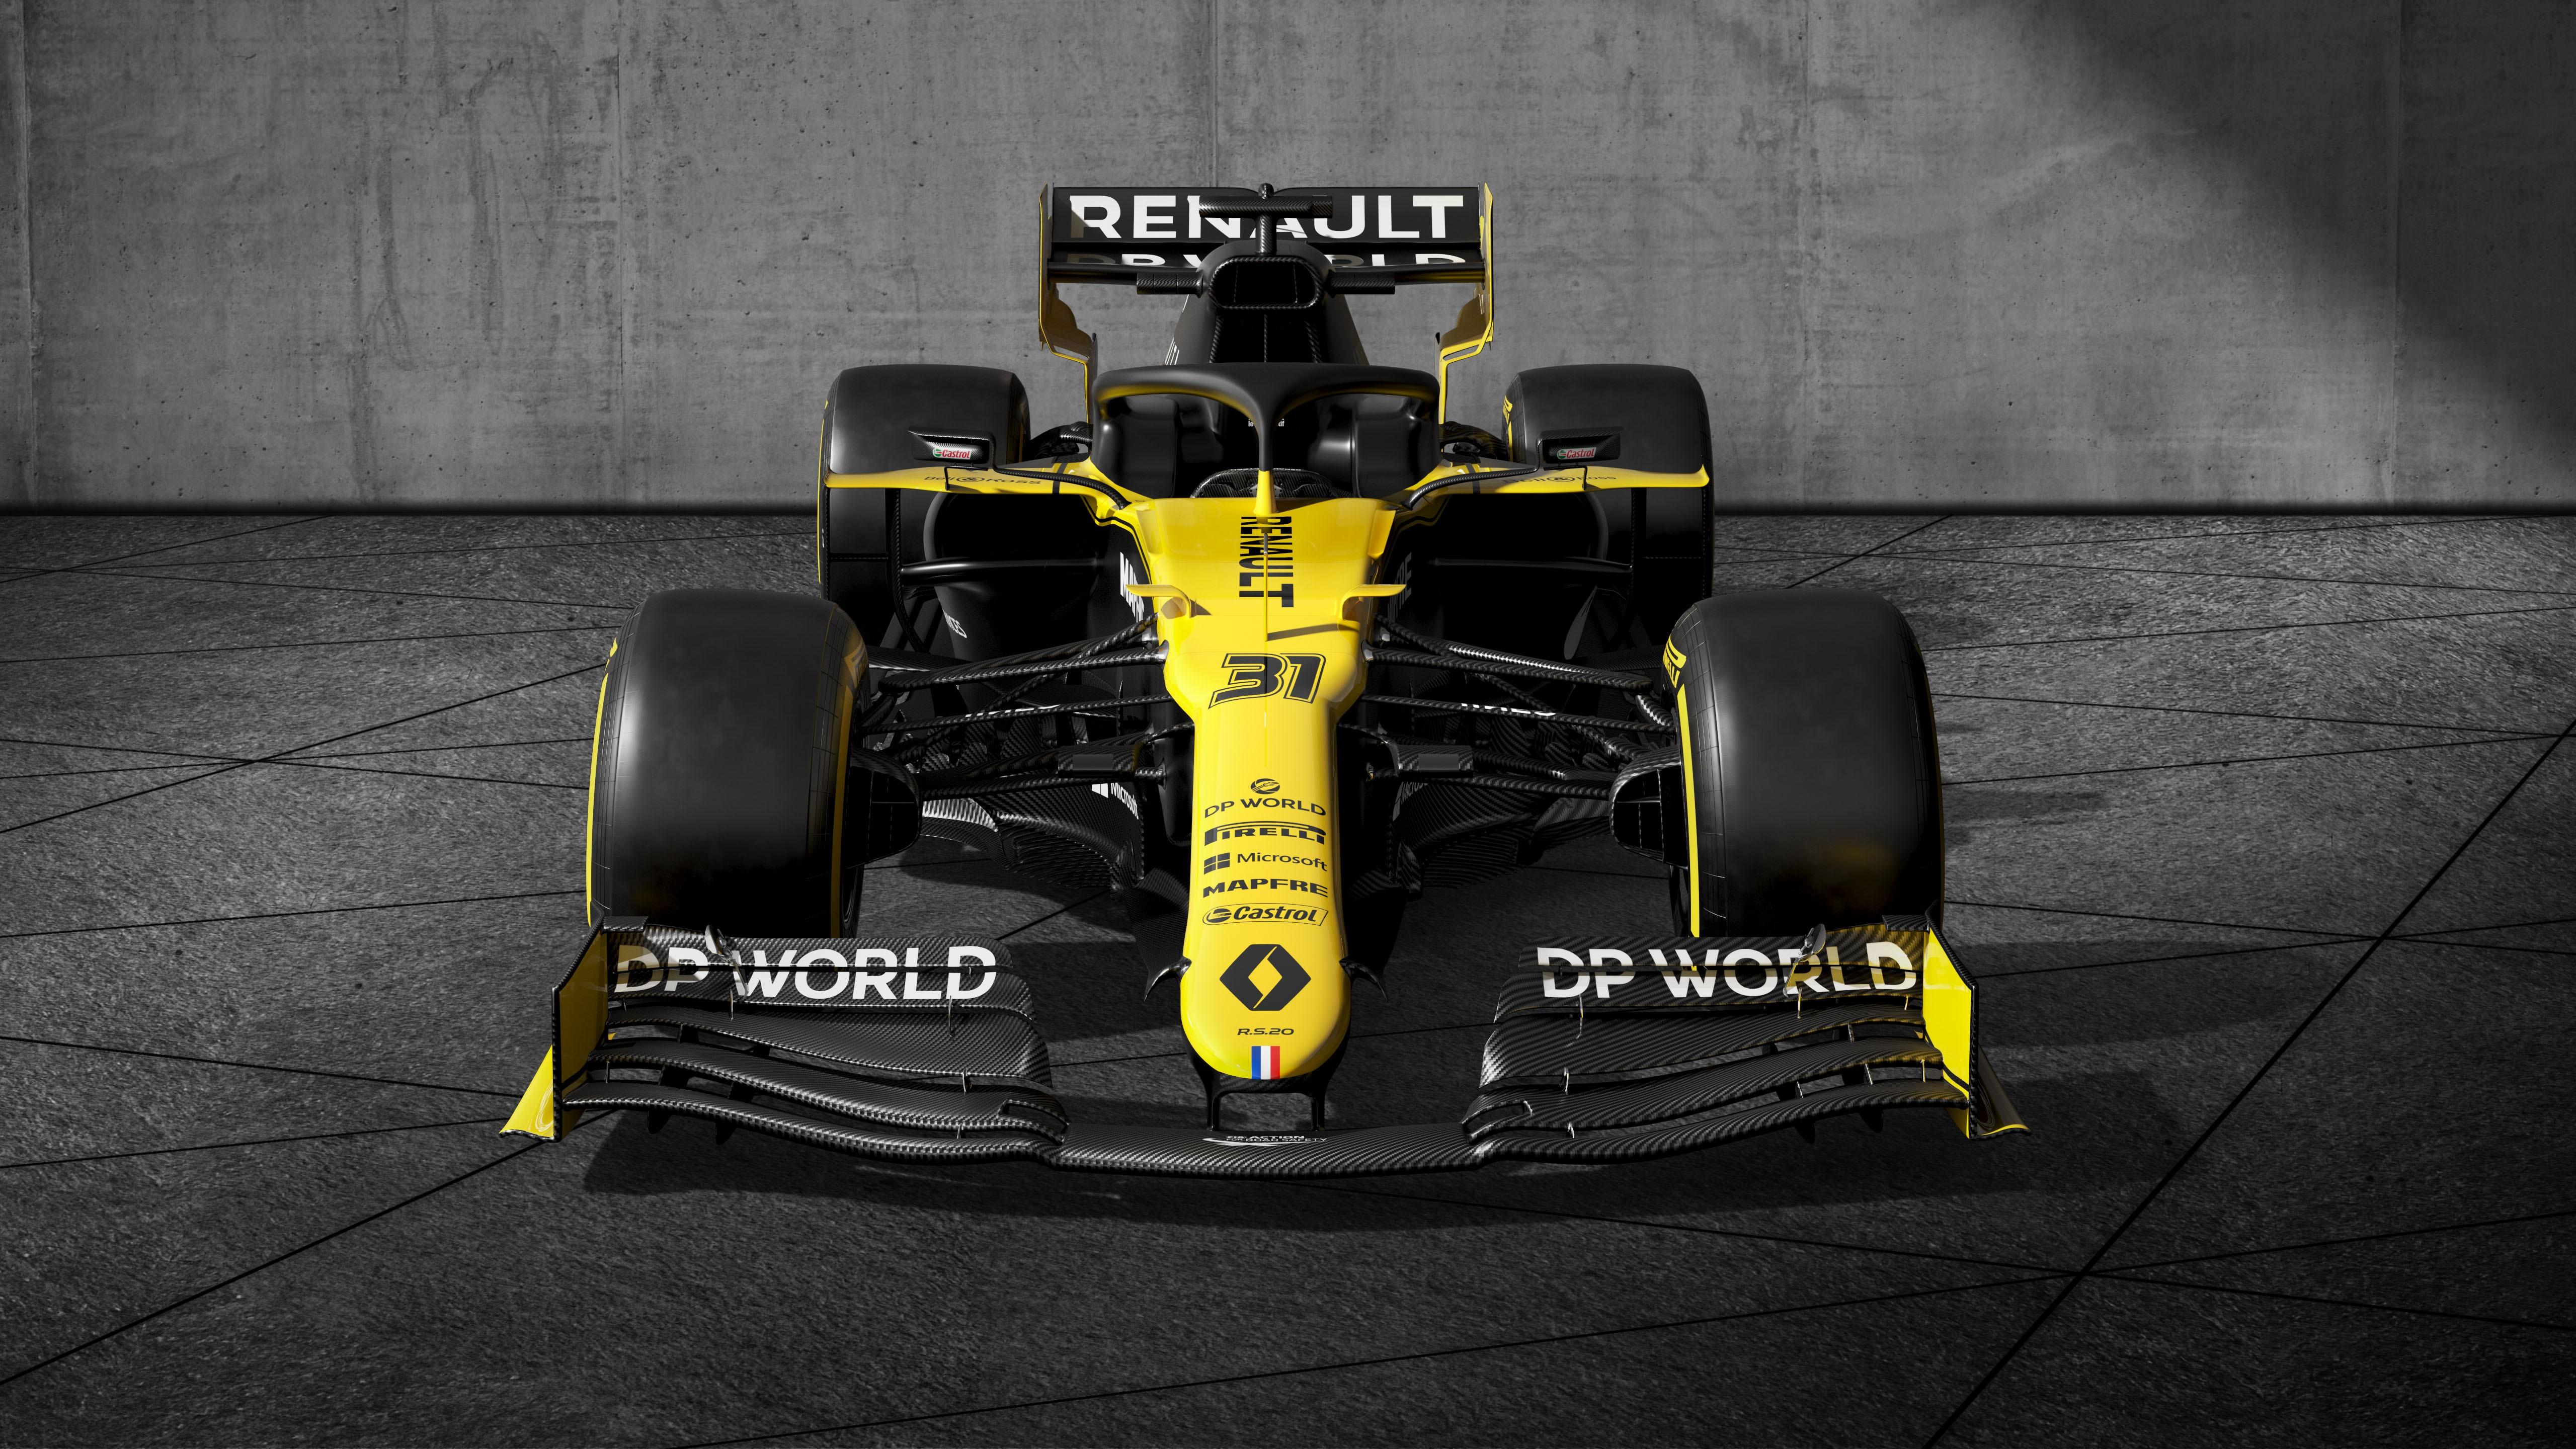 Renault Rs20 2020 5k 2 Wallpaper Hd Car Wallpapers Id 14567